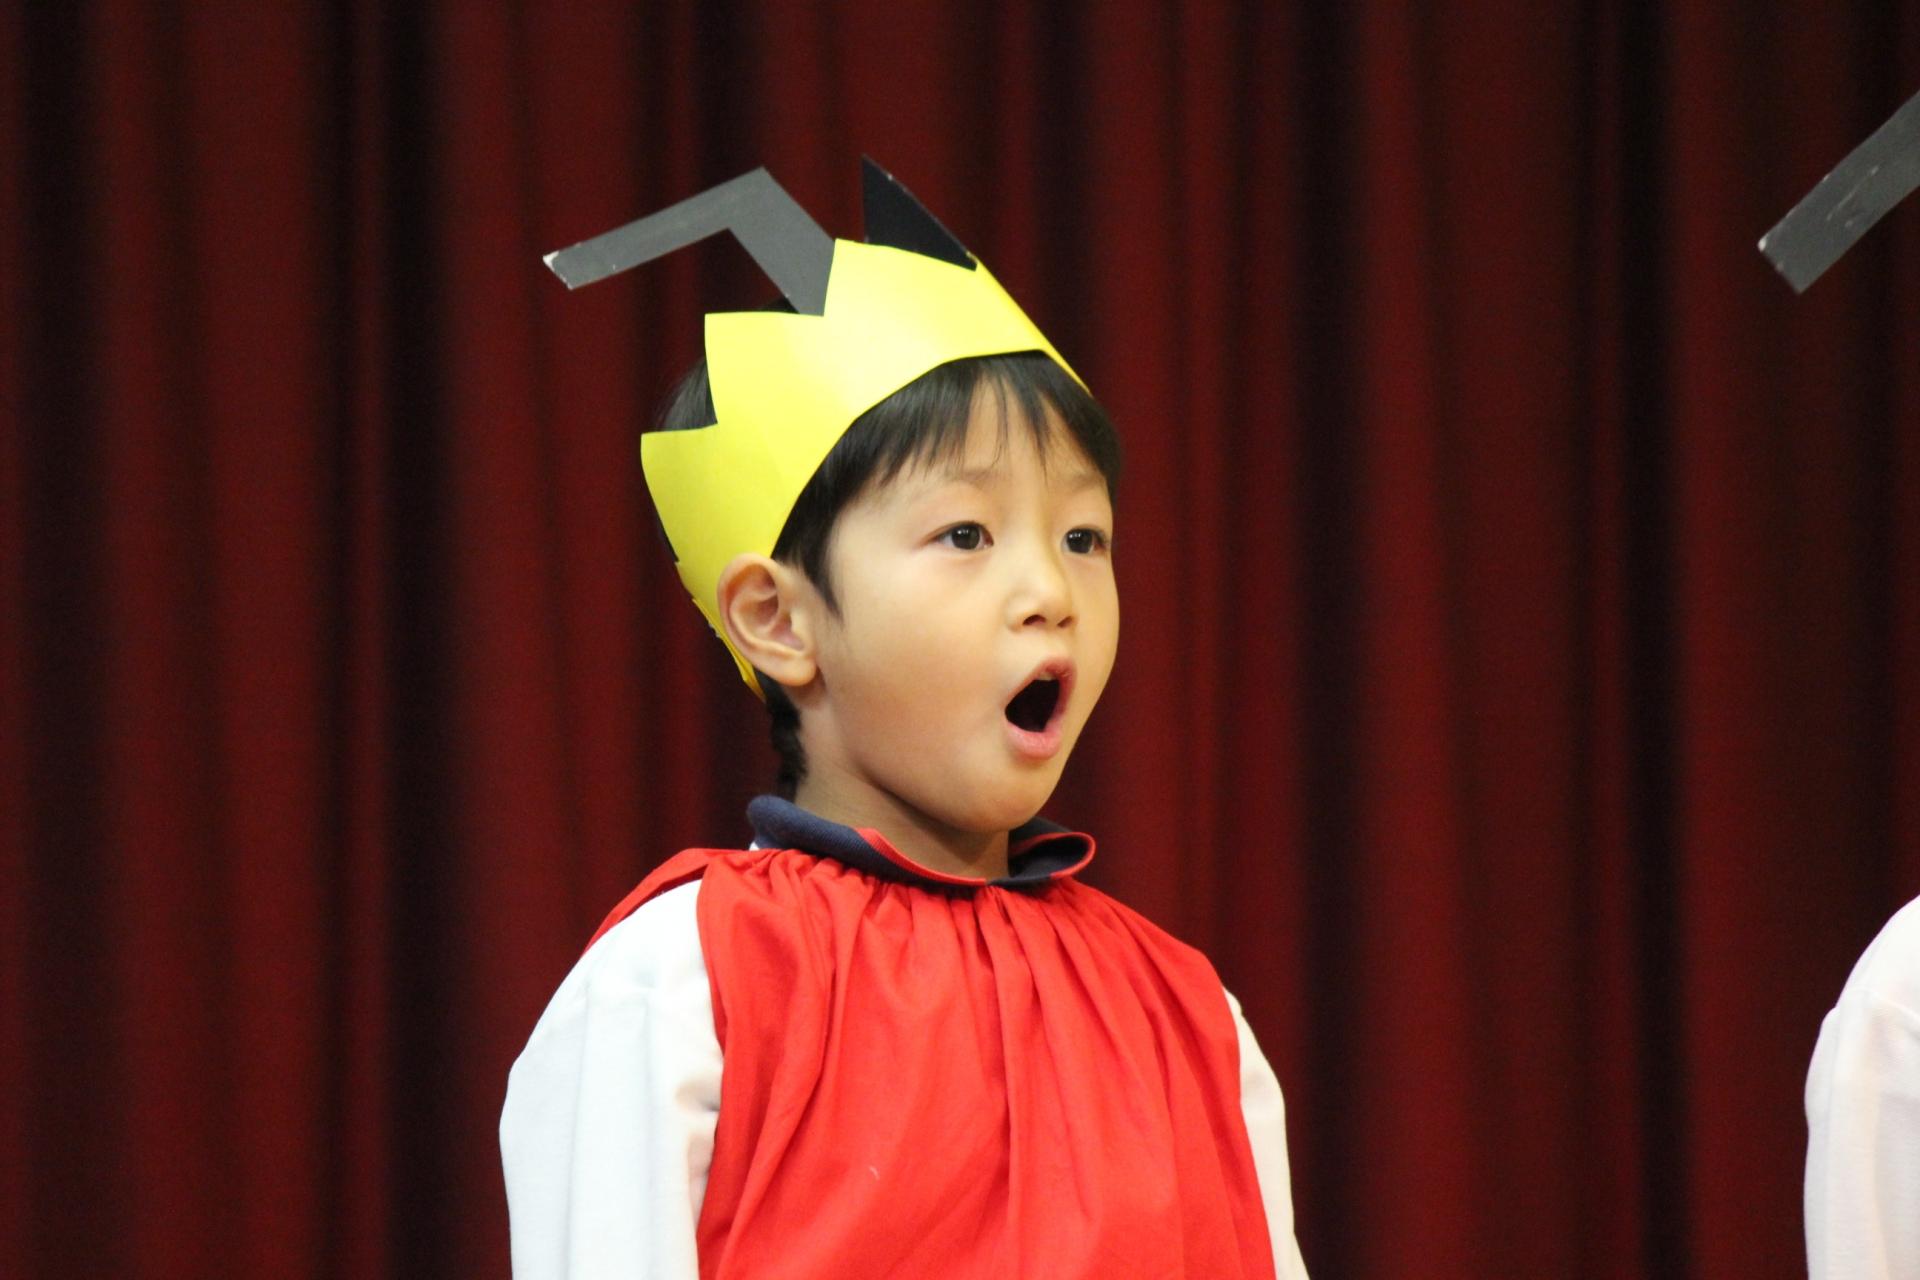 【カラオケ】合唱曲をカラオケで歌ってる人集まれー!